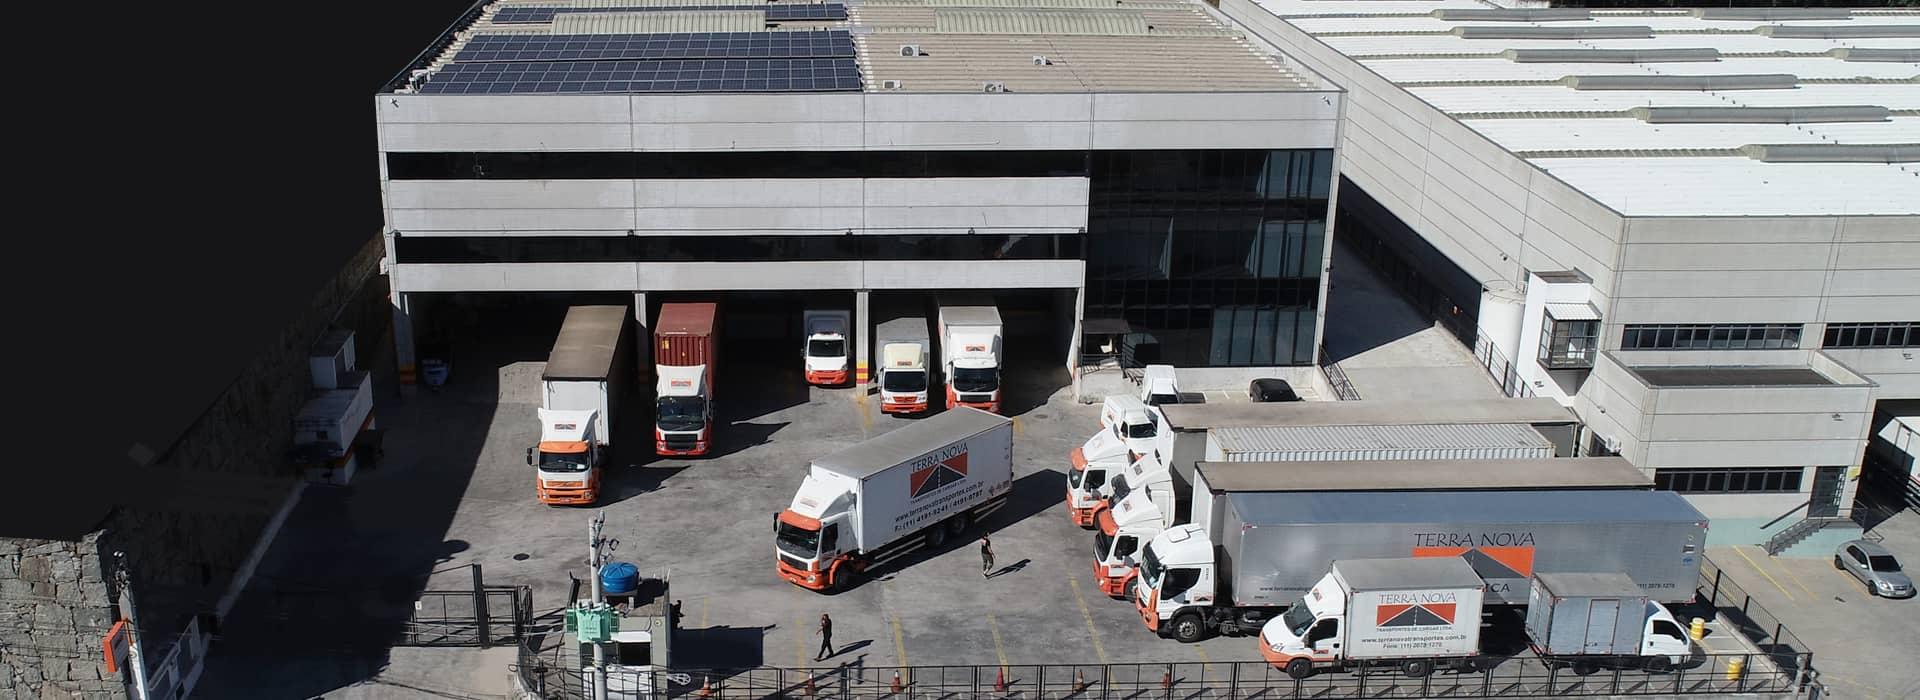 grupo terra nova logística empresa de transporte e centro de distribuição sp